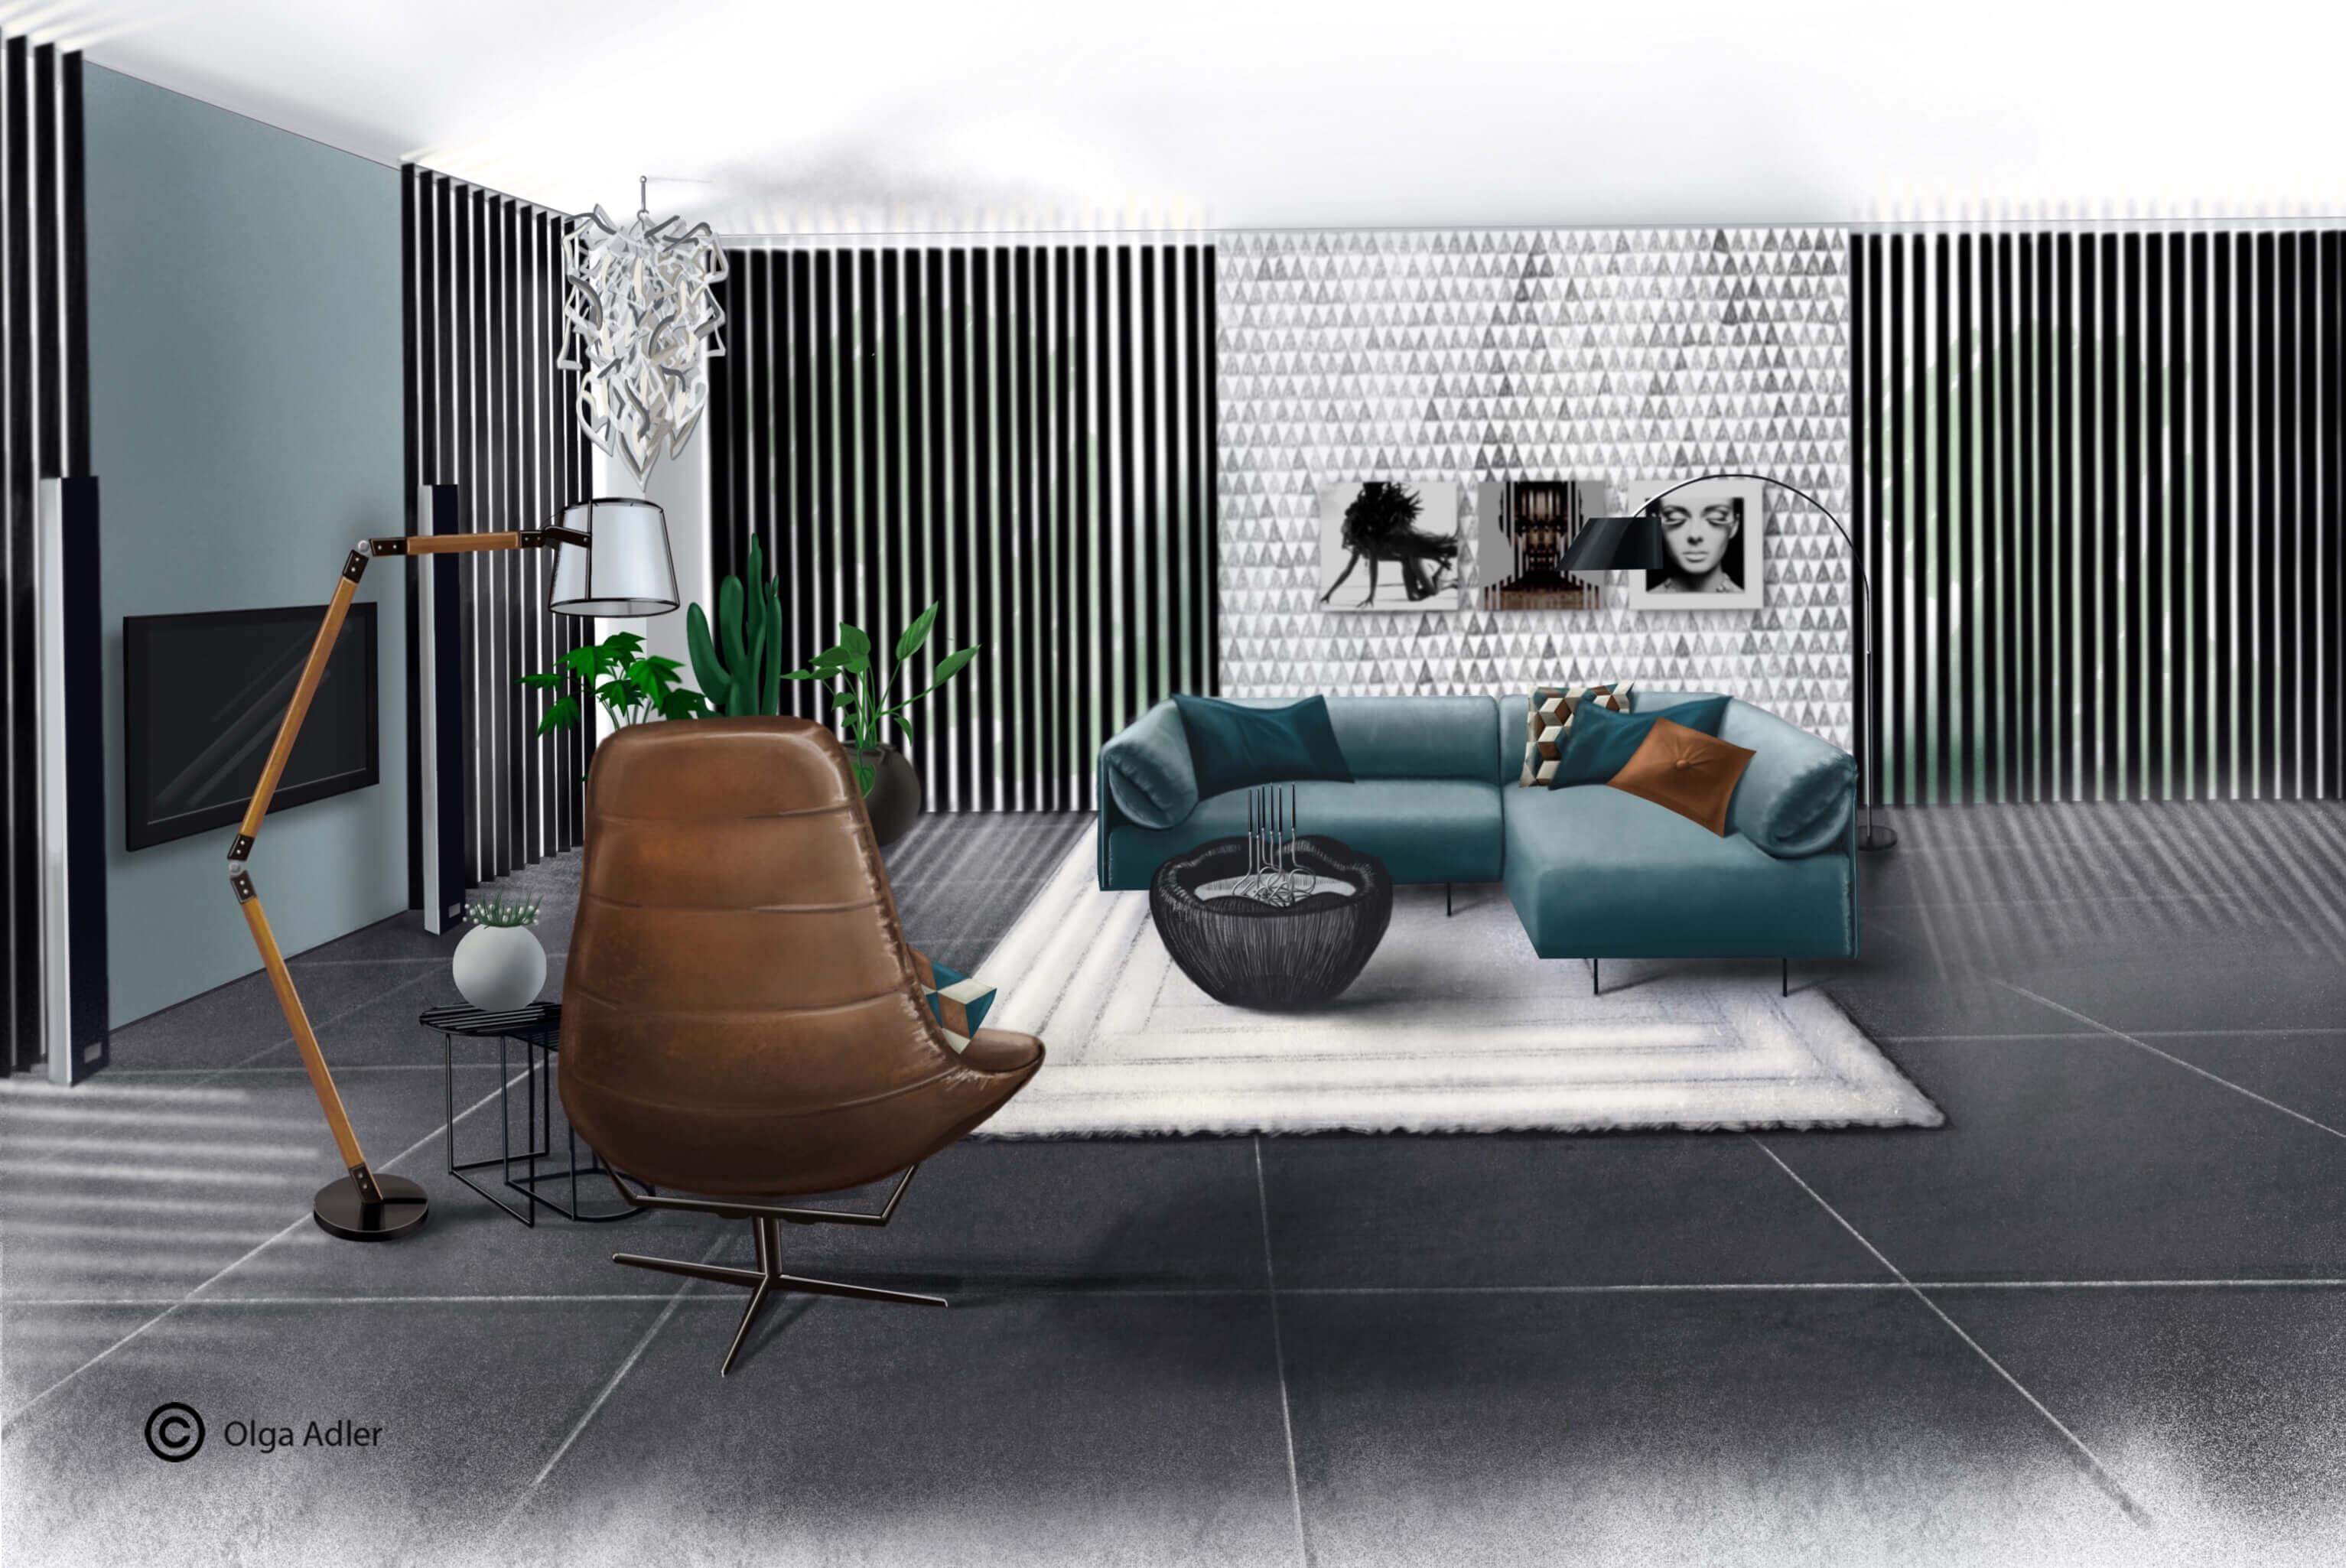 Utrecht woonkamer met bank, Fauteuil en staande leeslamp | Interior Sketch